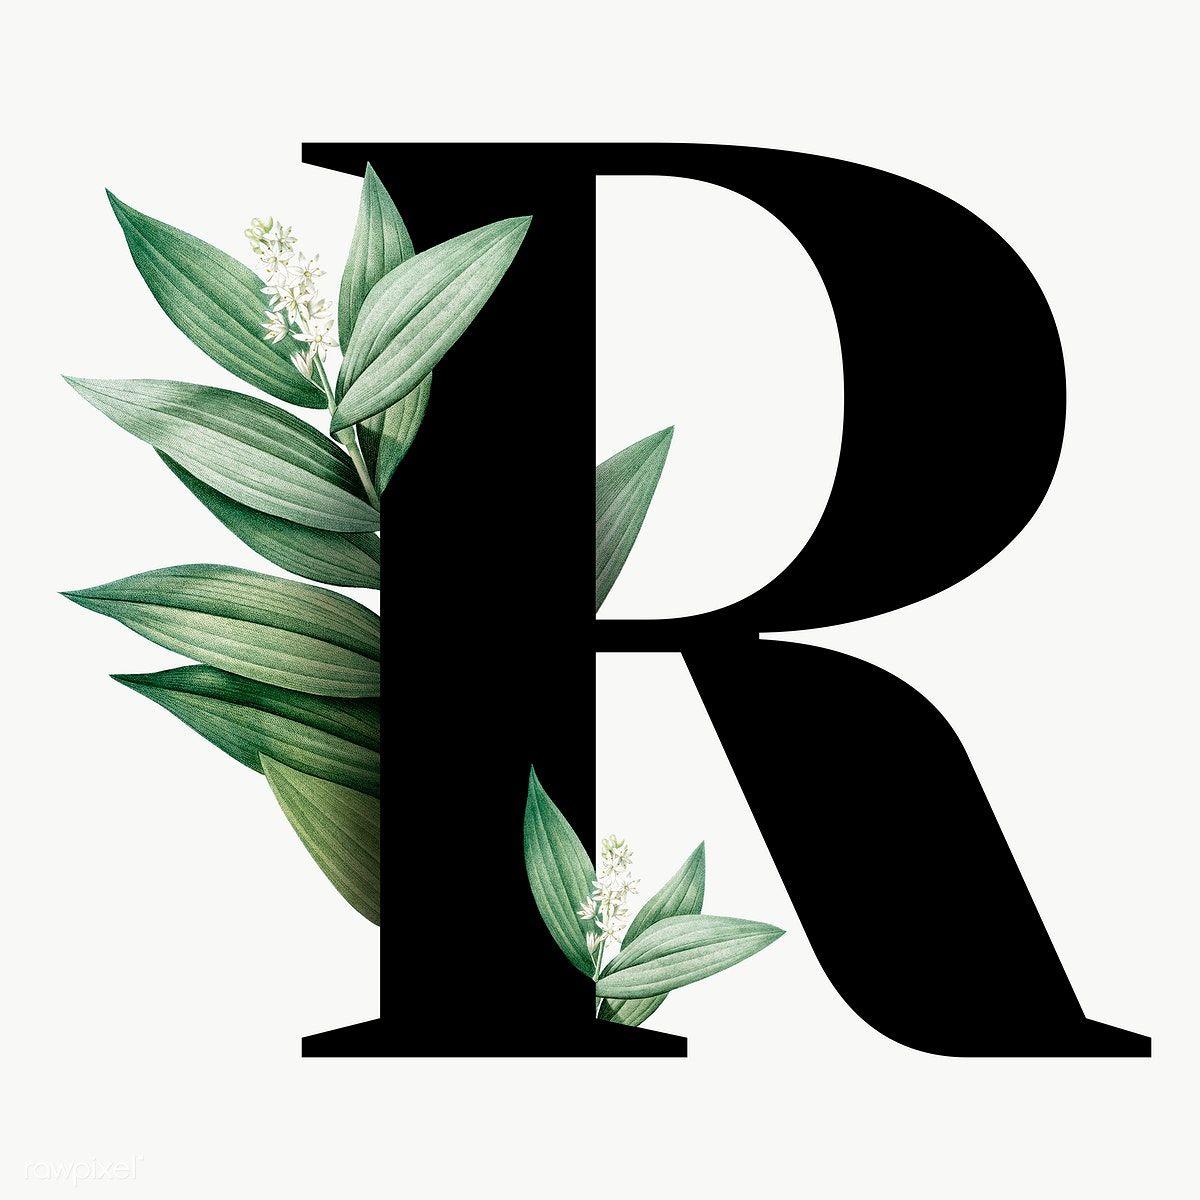 Botanical Capital Letter R Transparent Png Premium Image By Rawpixel Com Aum Alphabet Letters Design Aesthetic Letters Lettering Alphabet Fonts